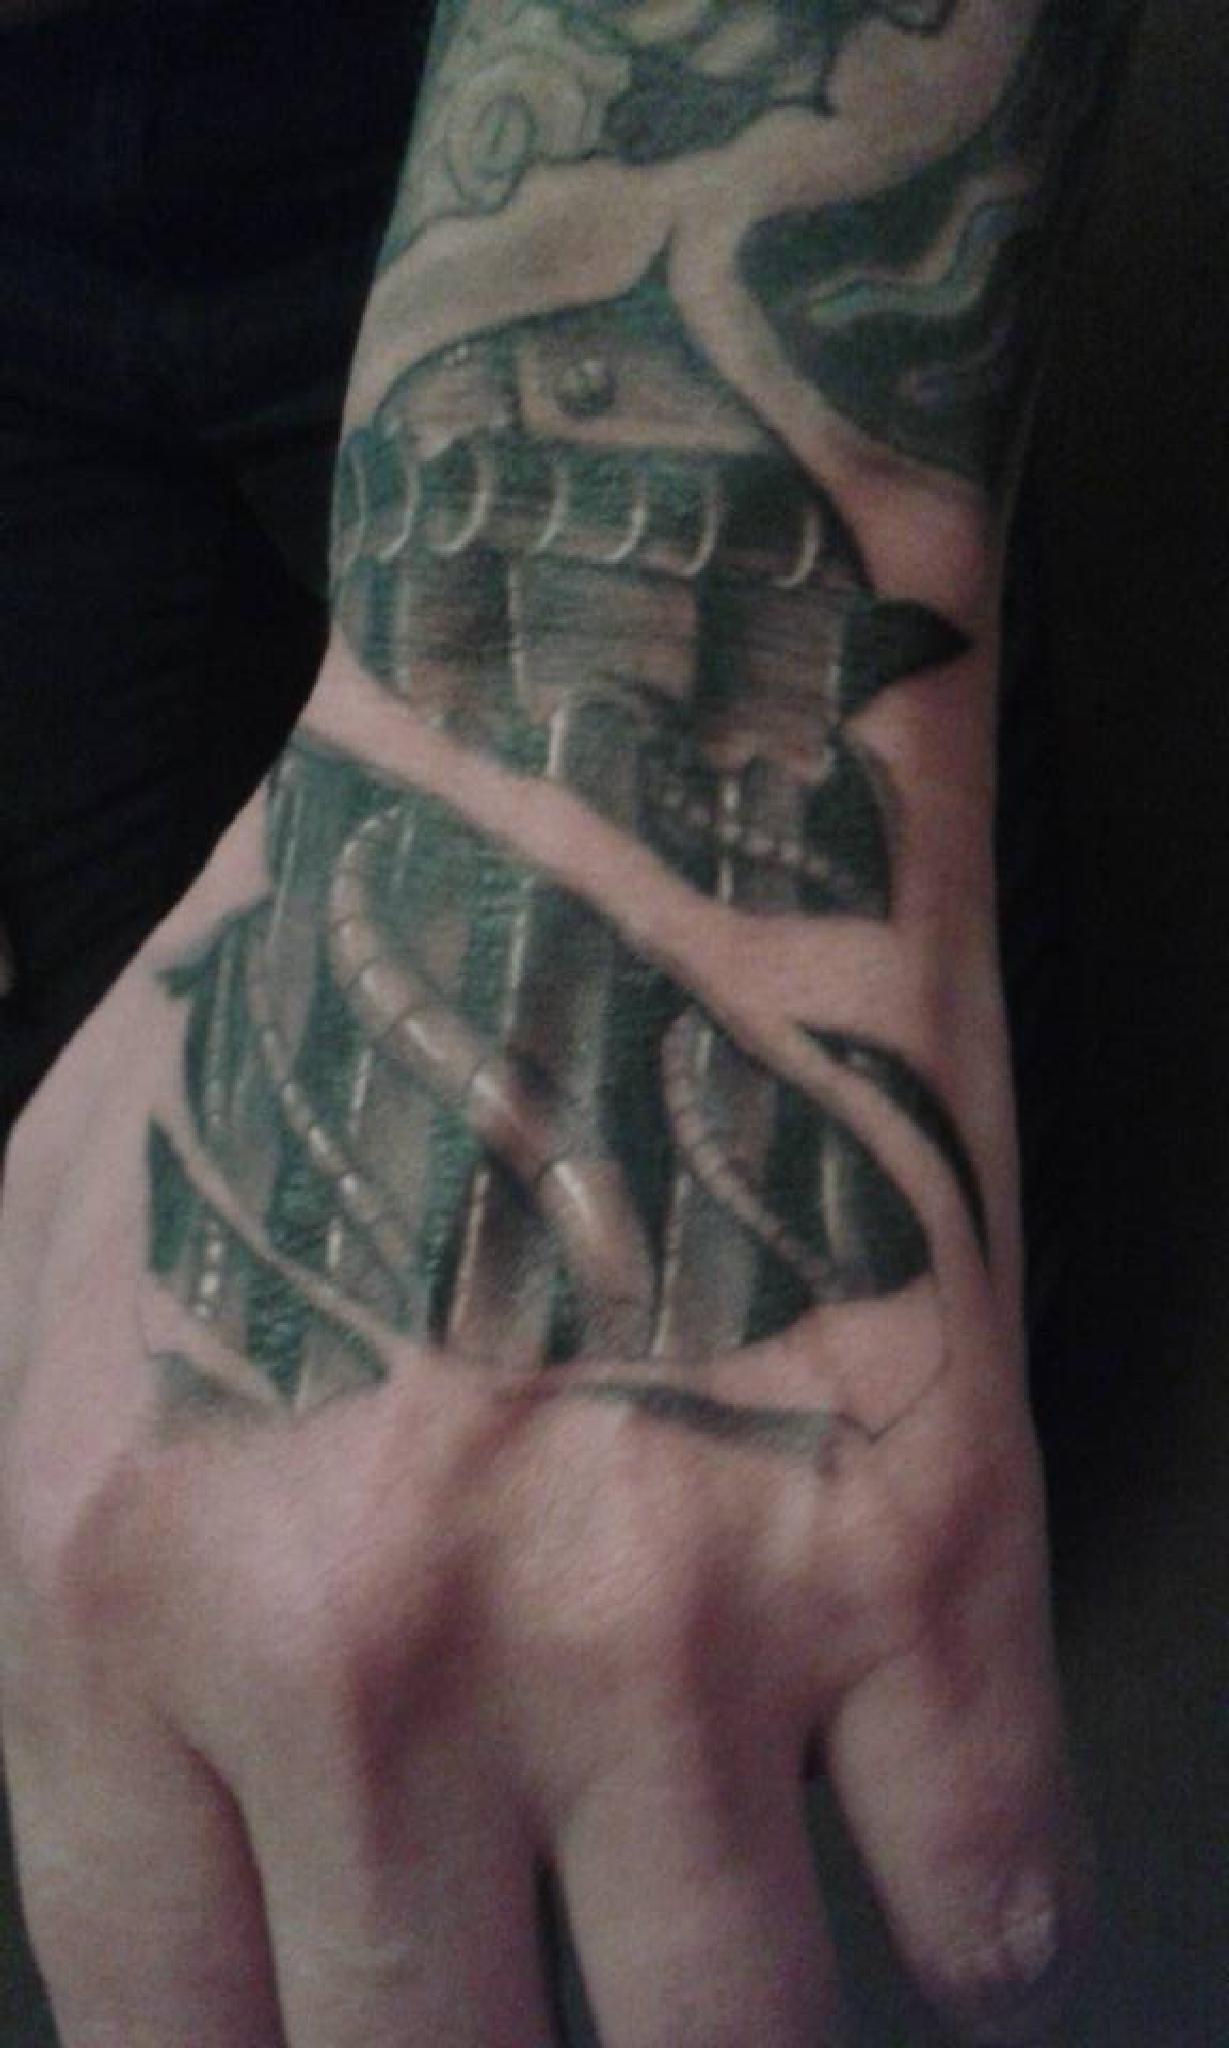 my bio mech hand tattoo by tatdaz2